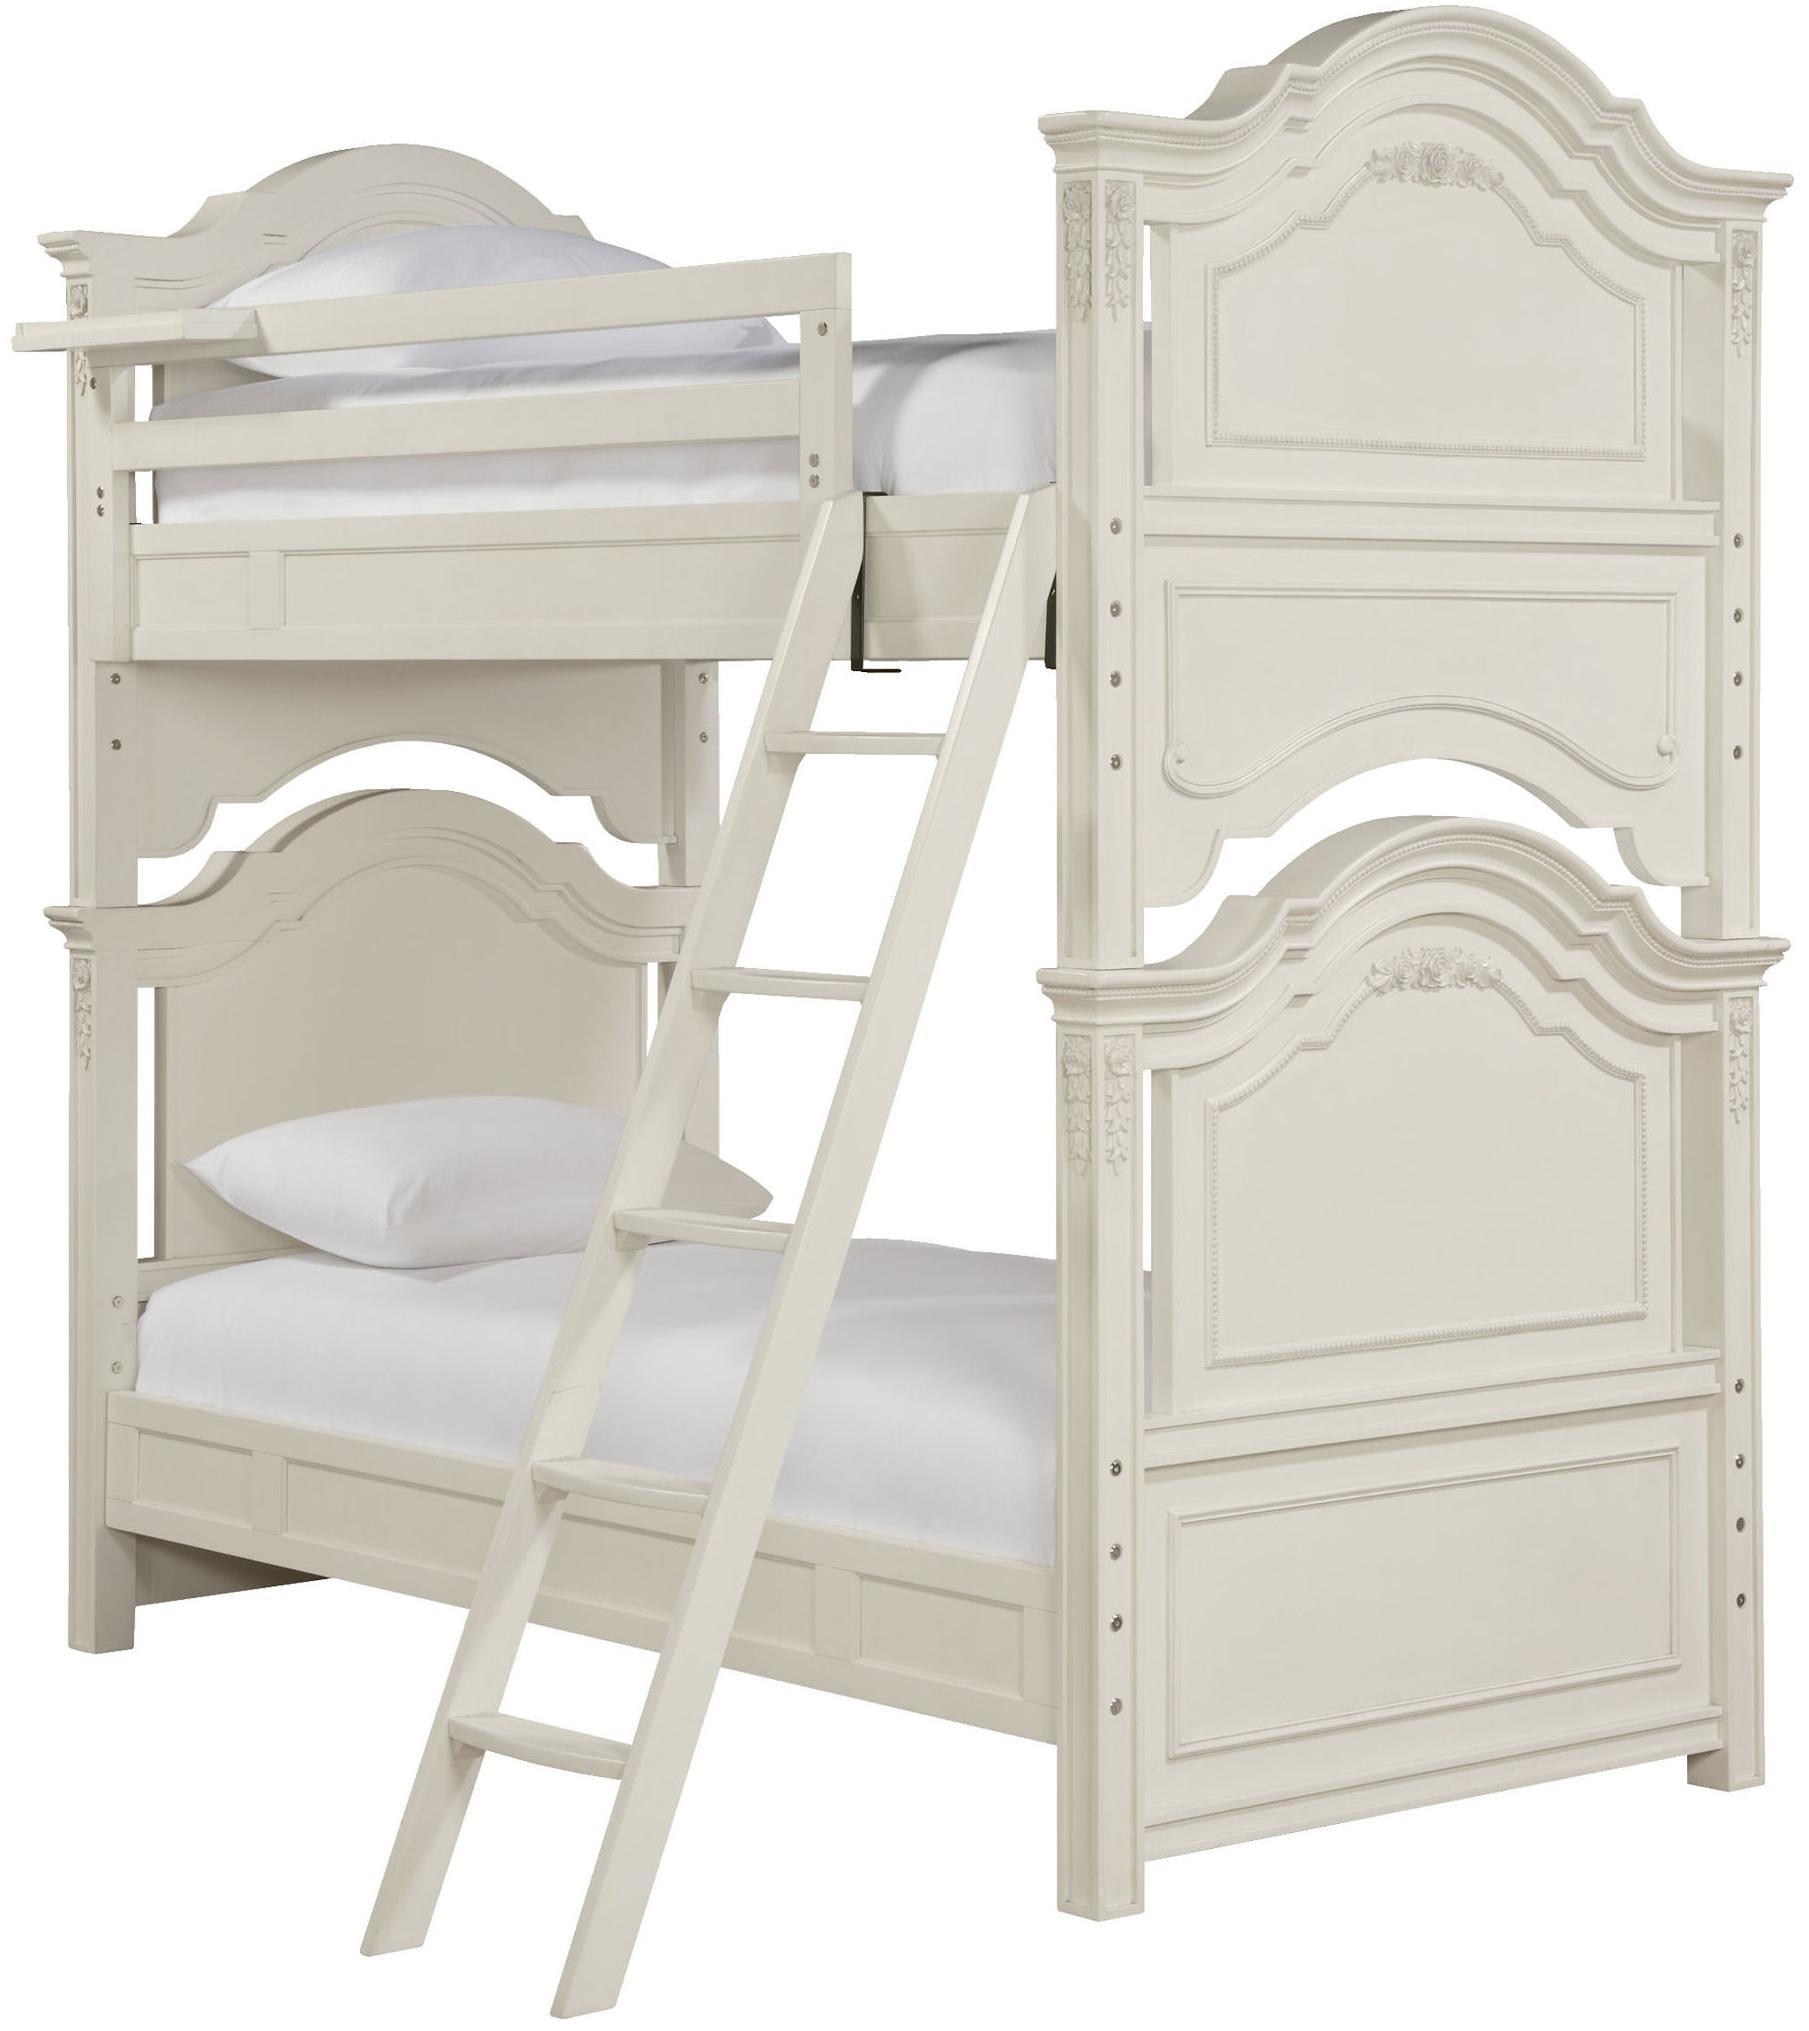 Smartstuff Gabriella Bunk Bed - Item Number: 136A530